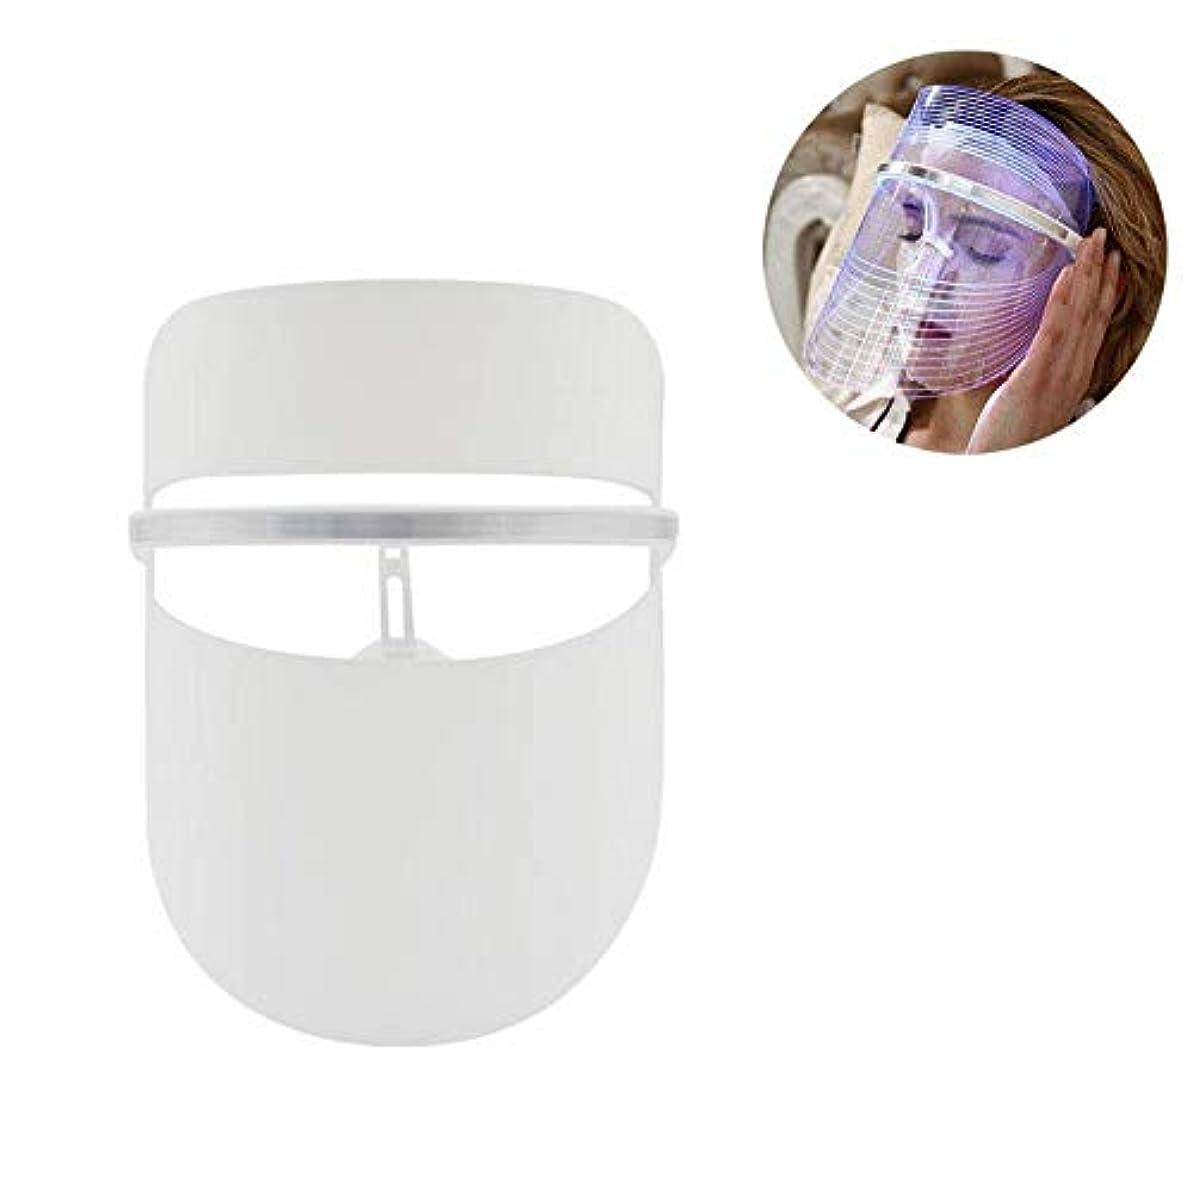 年齢月面メタルライン3色LEDライトフェイスマスクしわ除去フェイシャルライトセラピーアンチエイジングシワフェイシャルスキンケアマスク